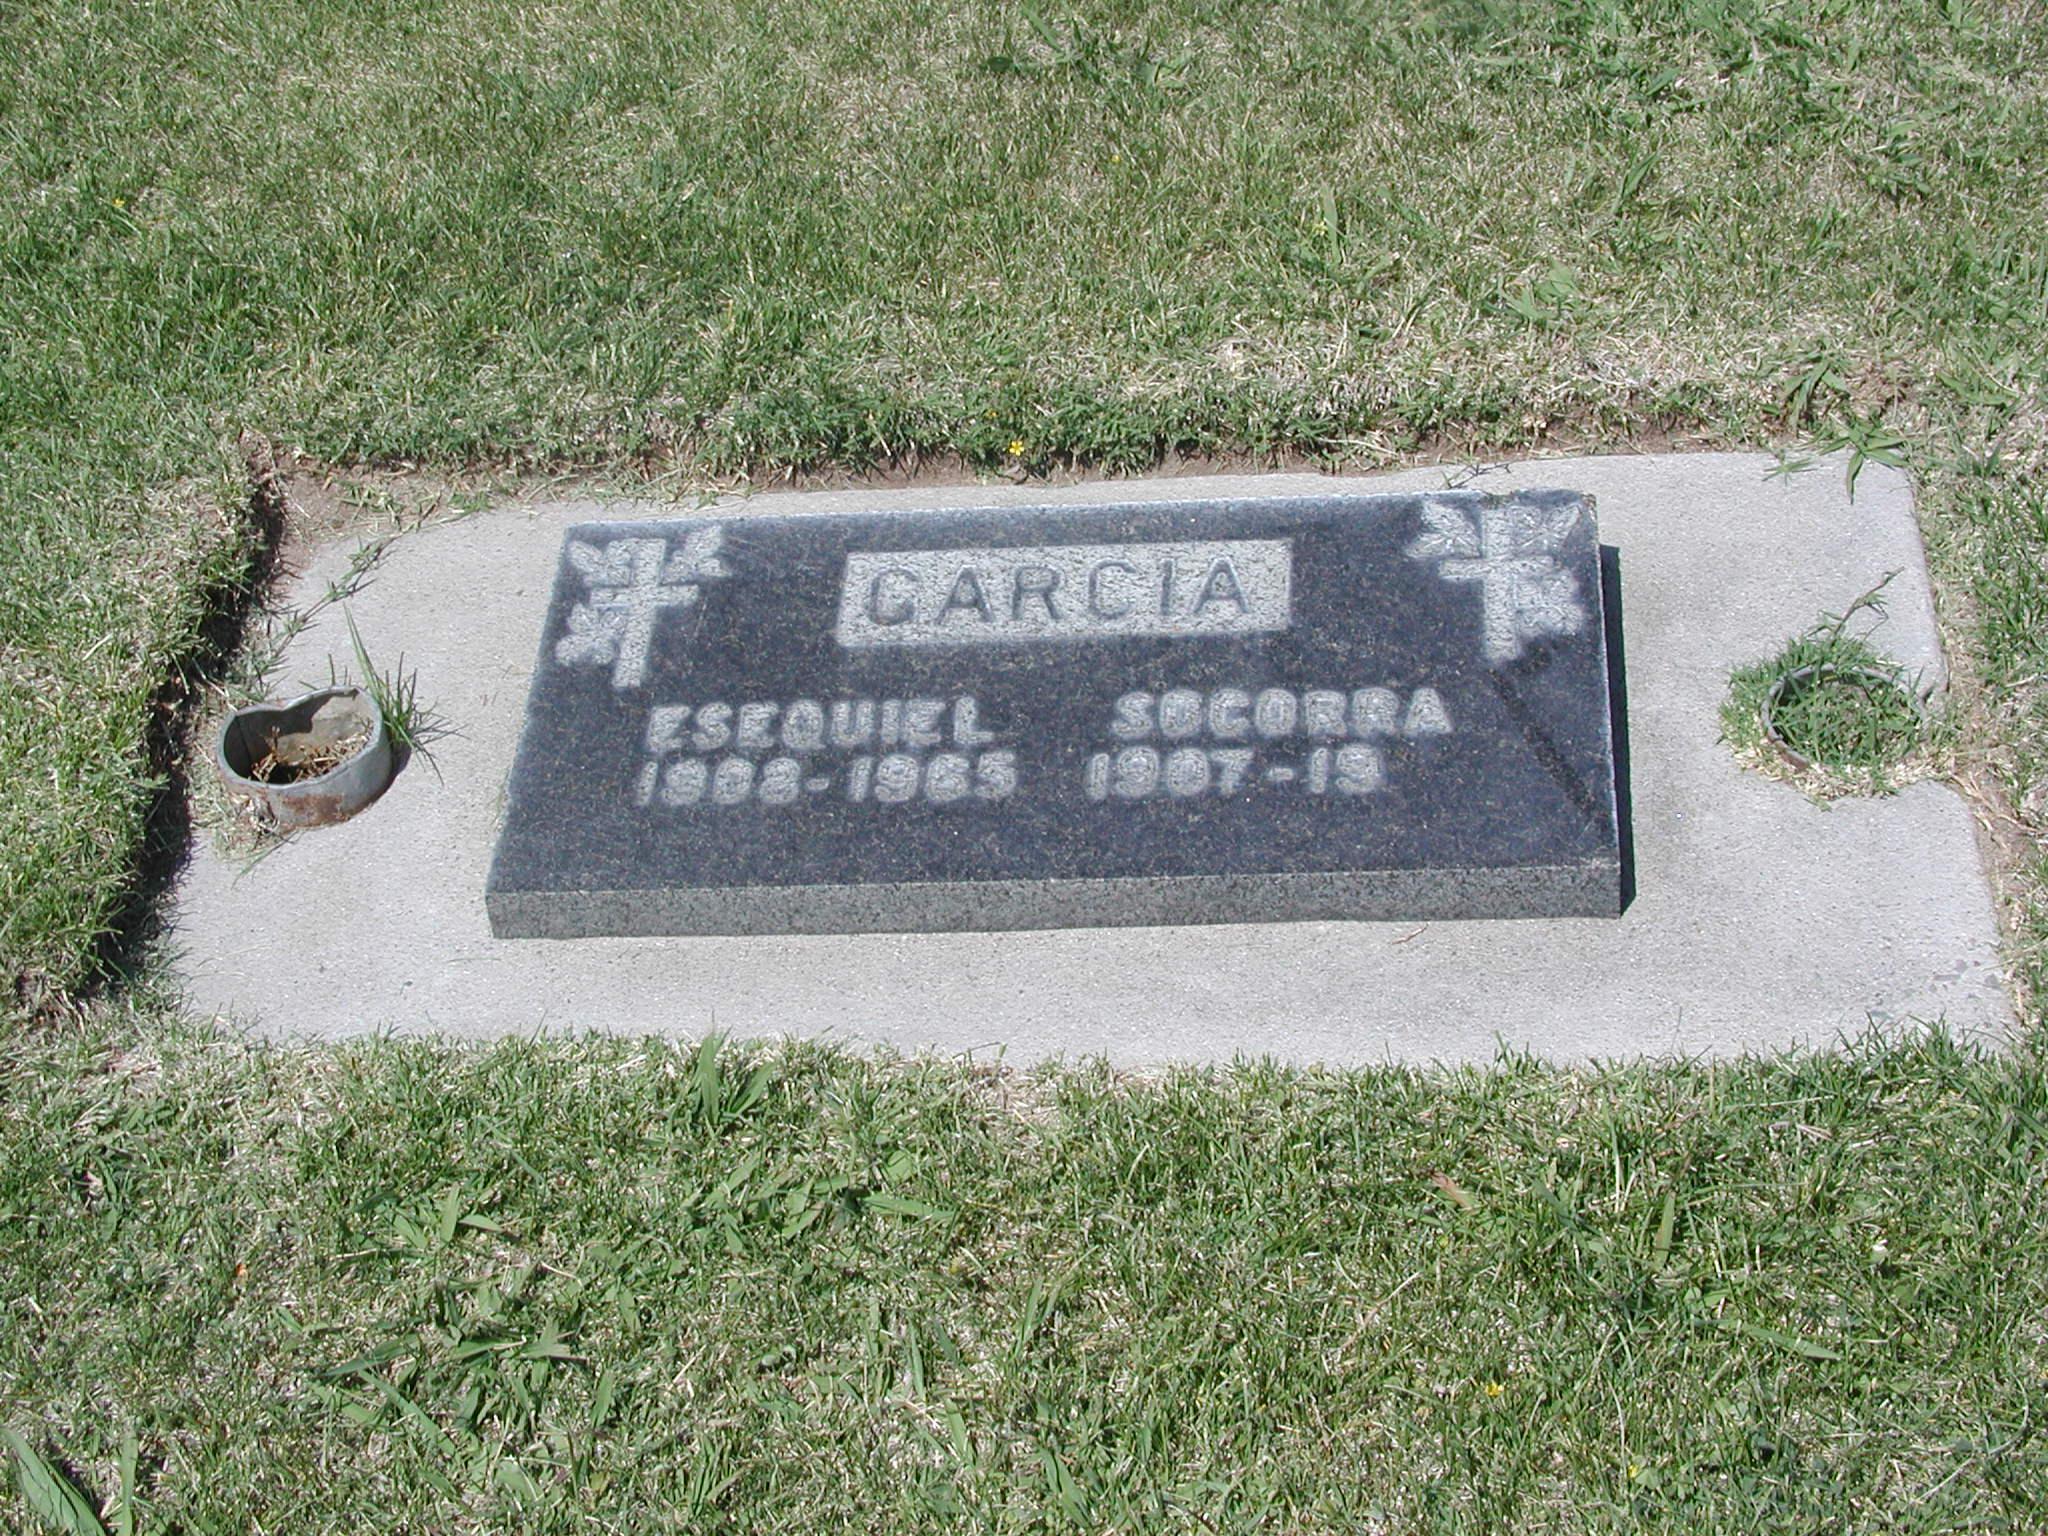 Esequiel Garcia